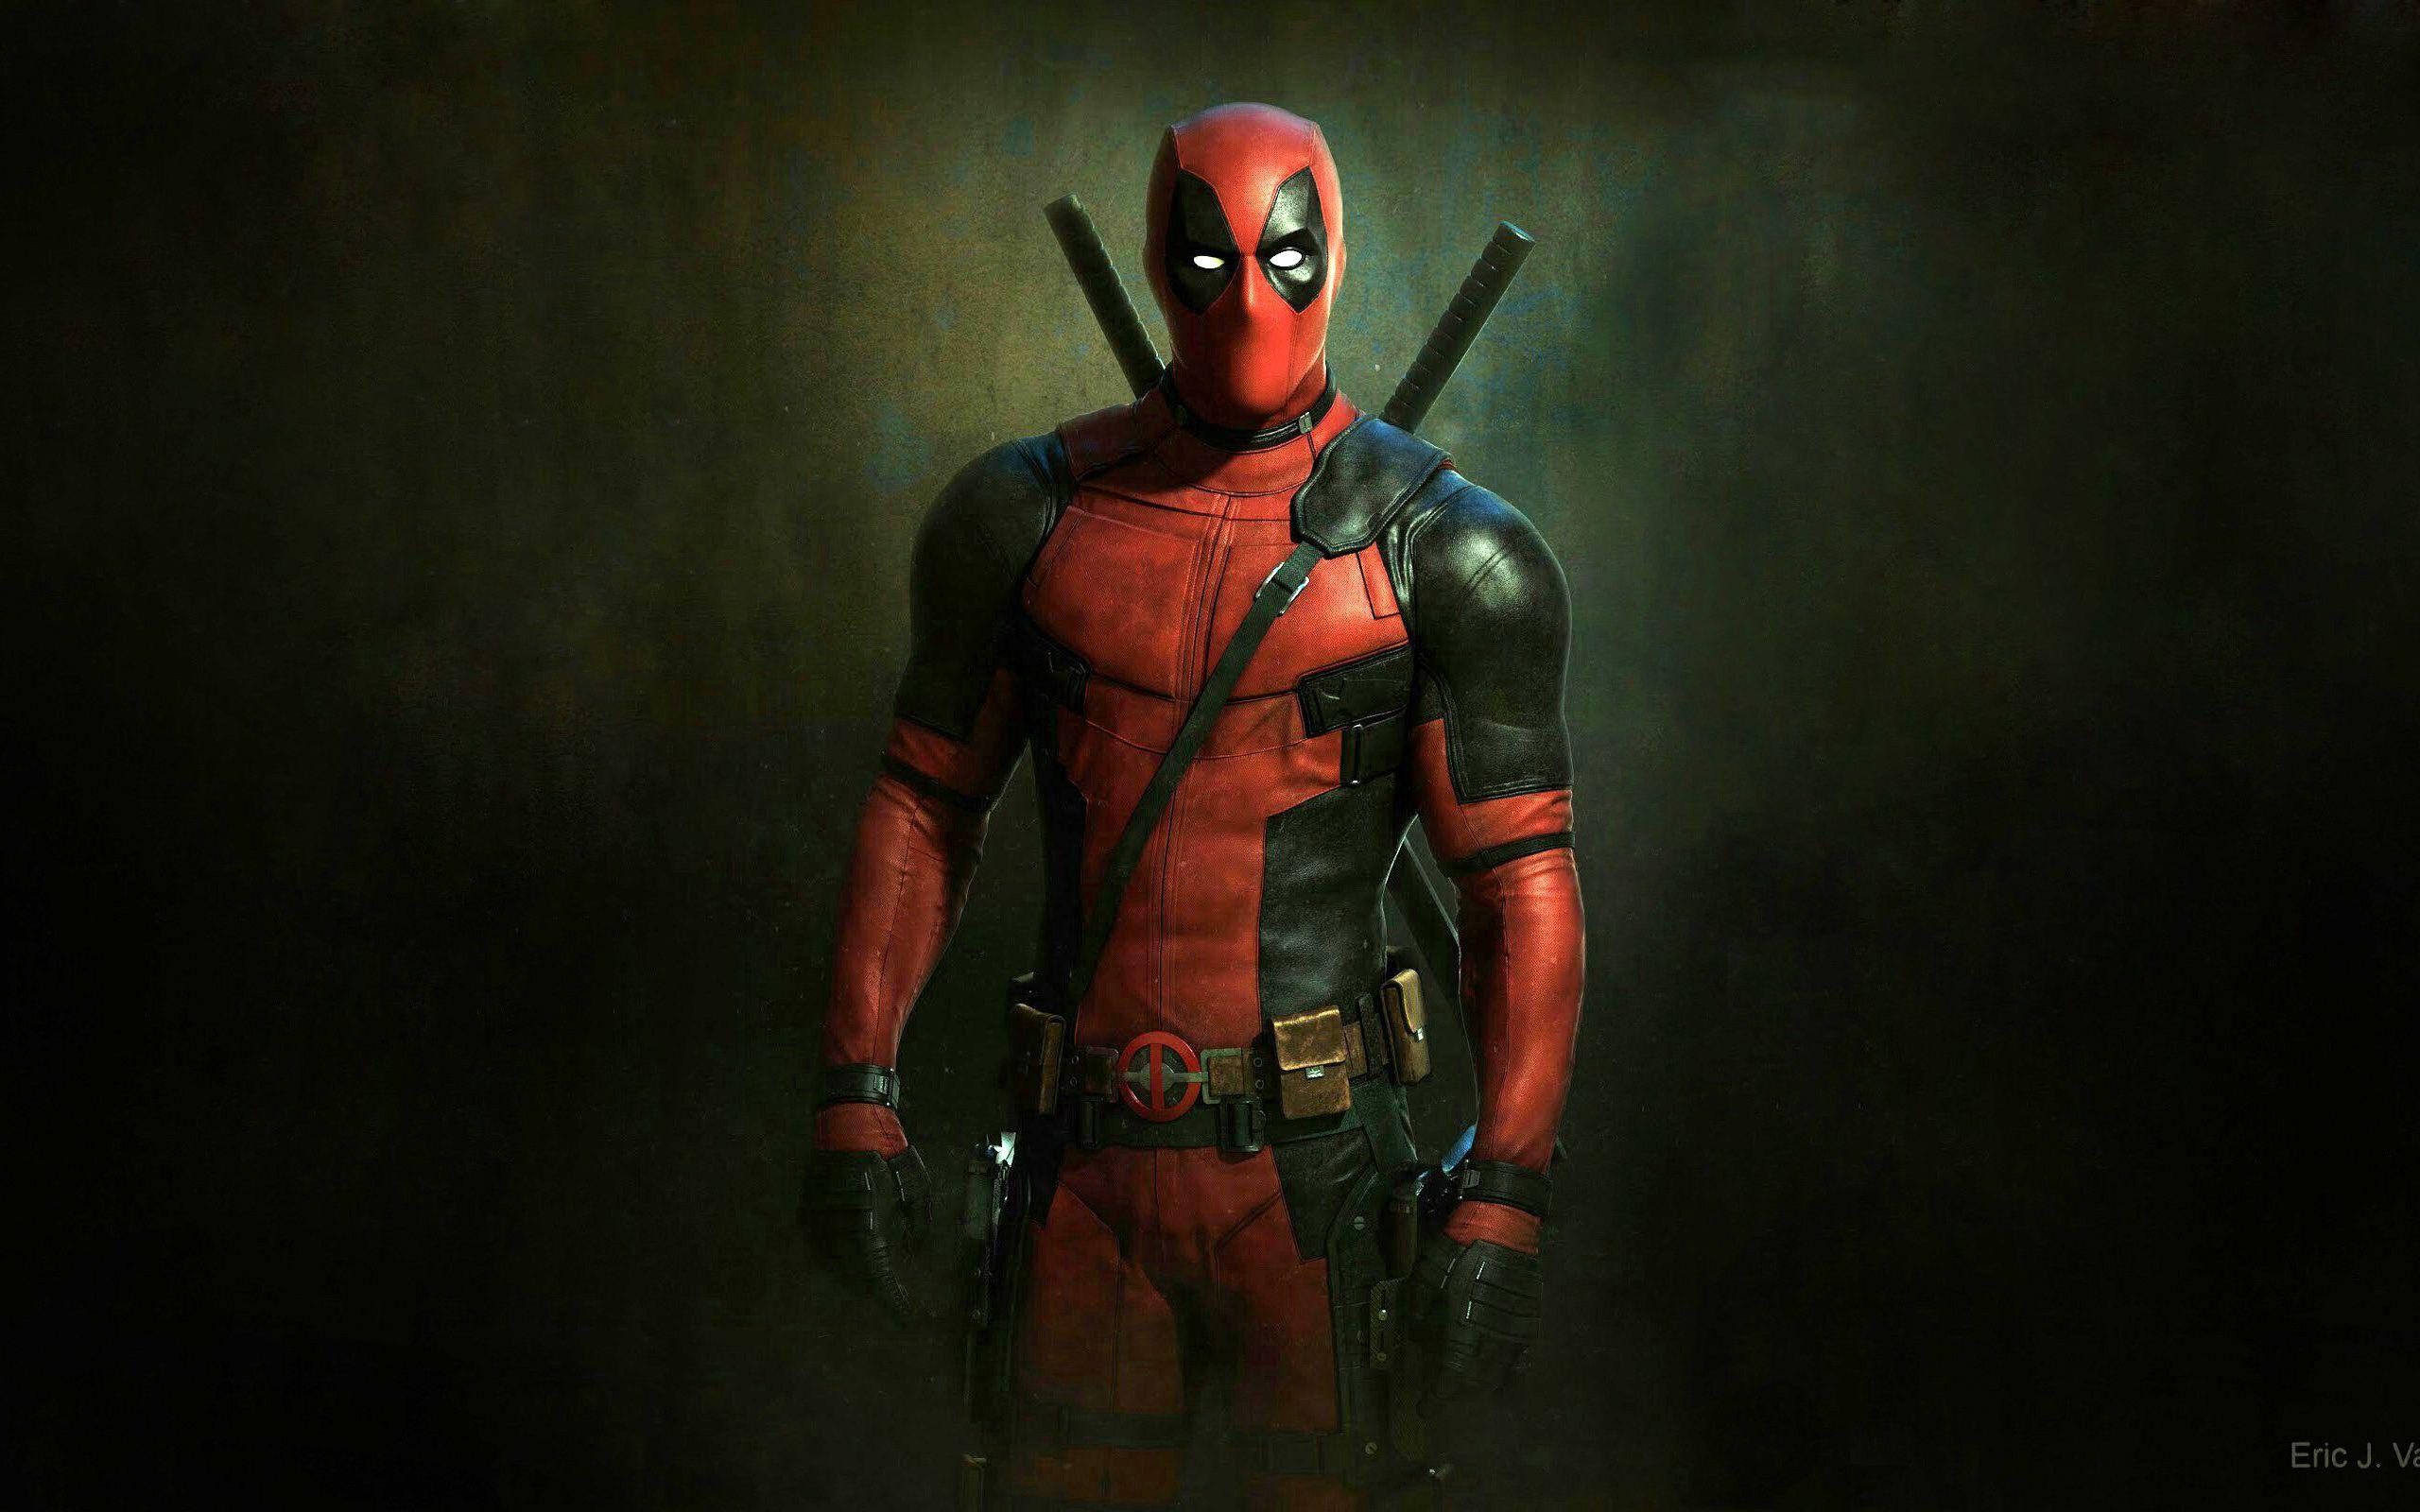 Deadpool Wallpapers   Top Deadpool Backgrounds   WallpaperAccess 2560x1600